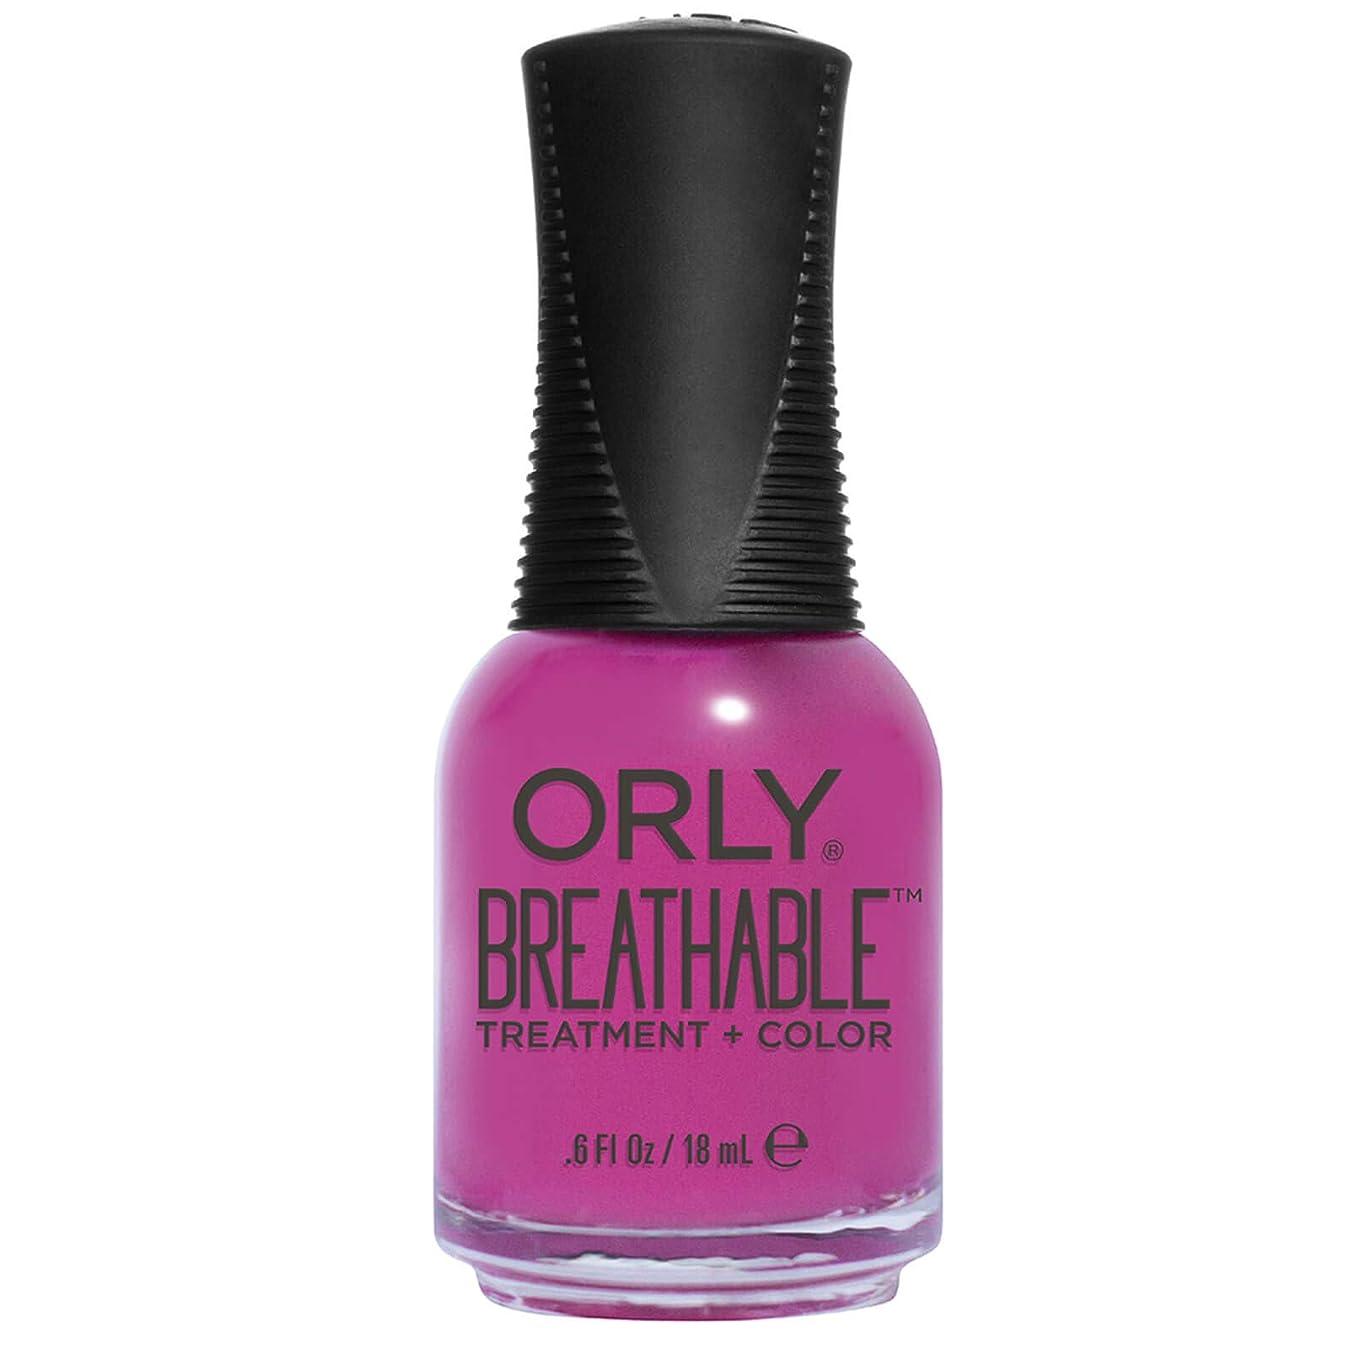 宇宙船枕経験的Orly Breathable Treatment + Color Nail Lacquer - Give Me a Break - 0.6oz/18ml